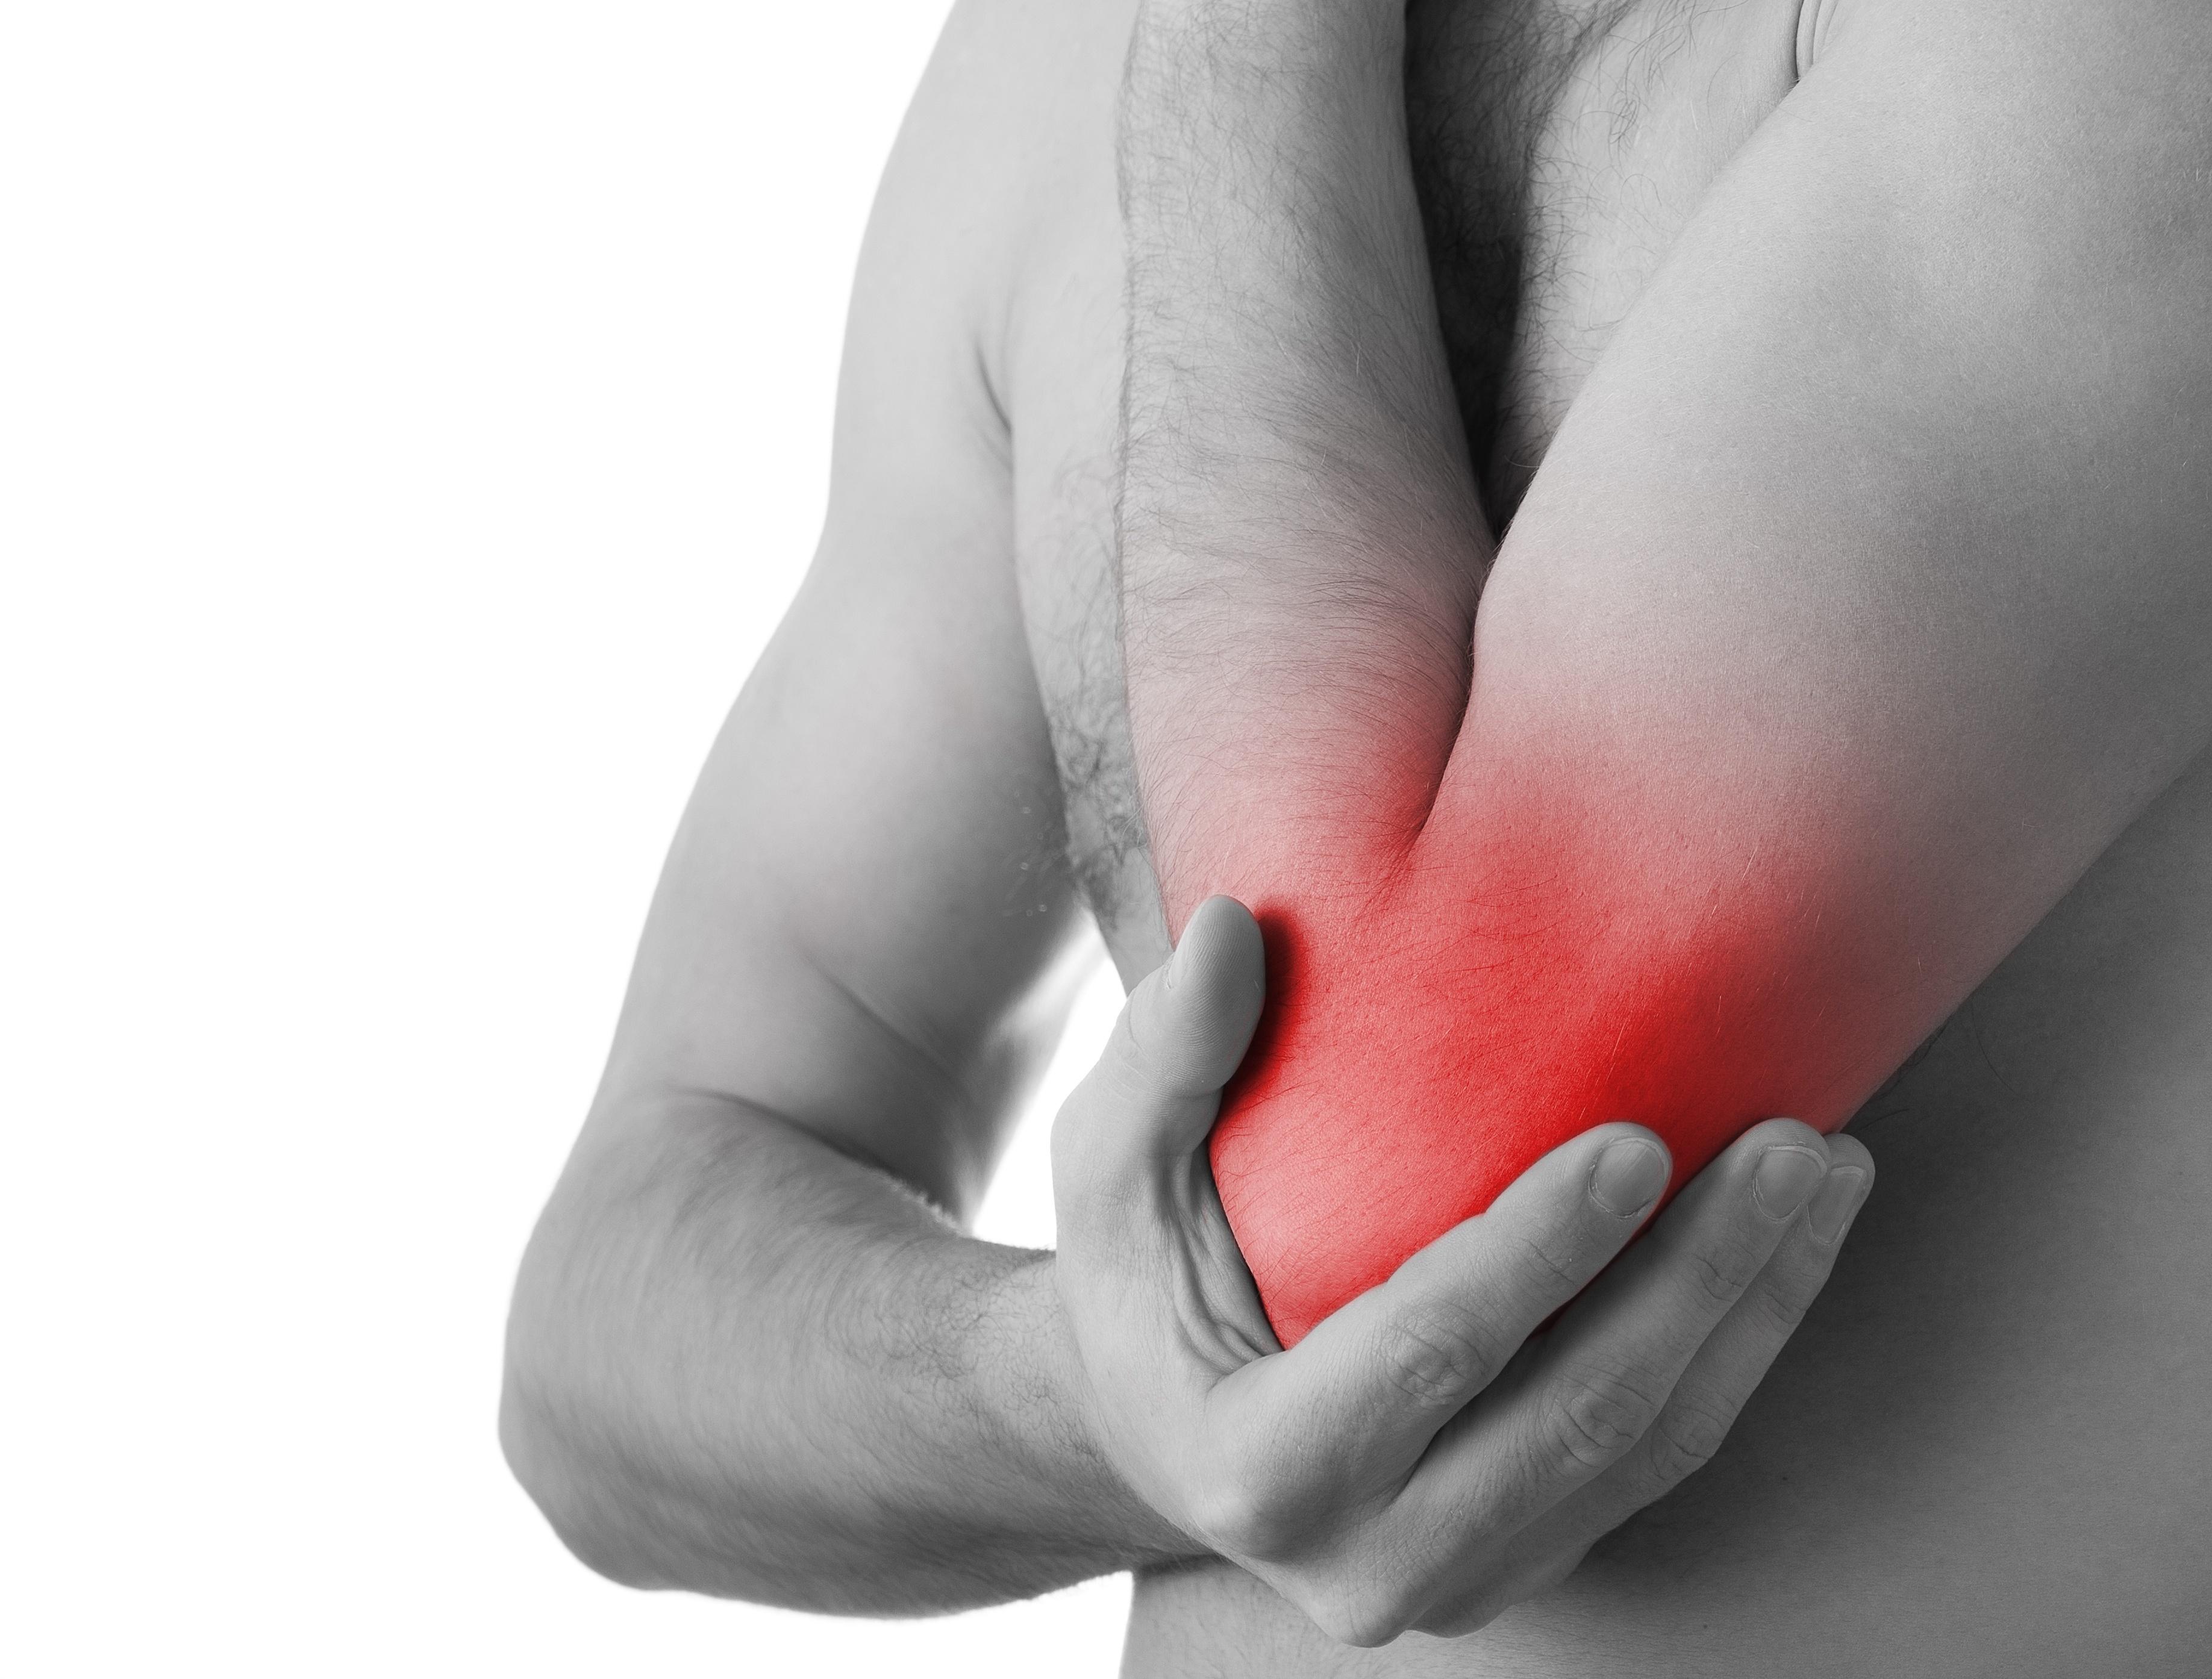 minden ízület fáj, kezelést okoz serdülőkorú csípőfájdalom kezelése